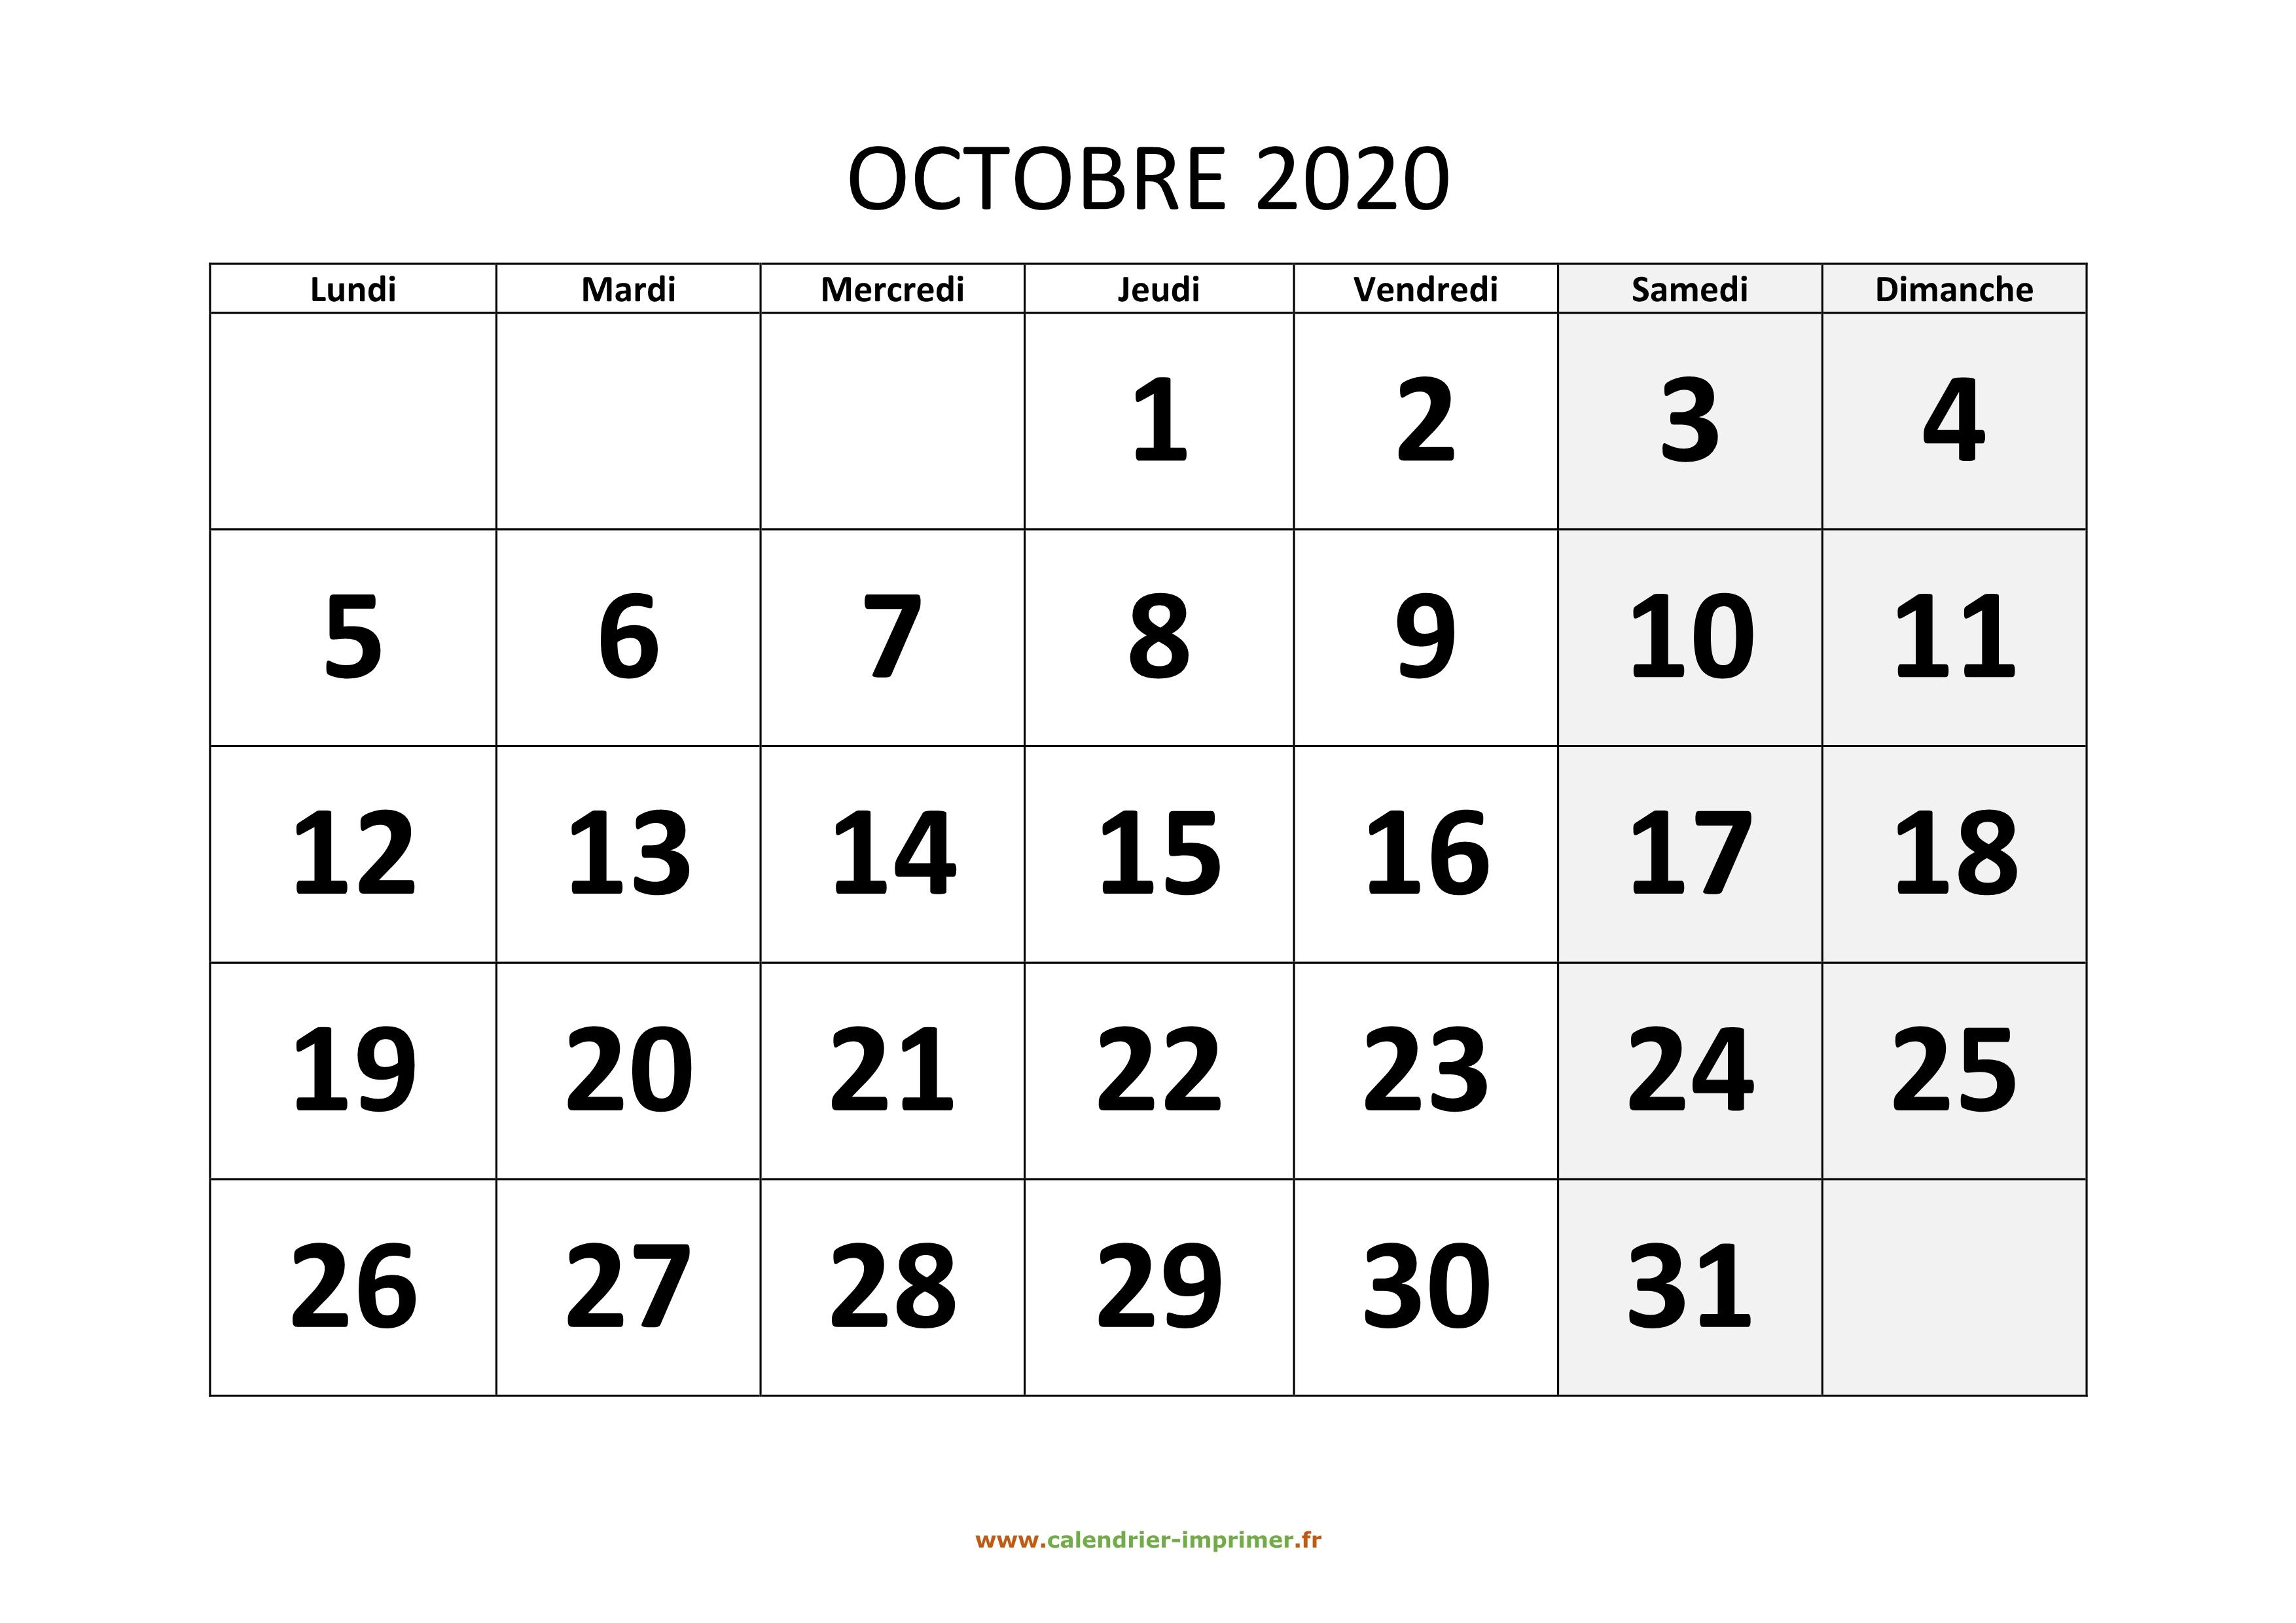 Calendrier 202016 A Imprimer.Calendrier Octobre 2020